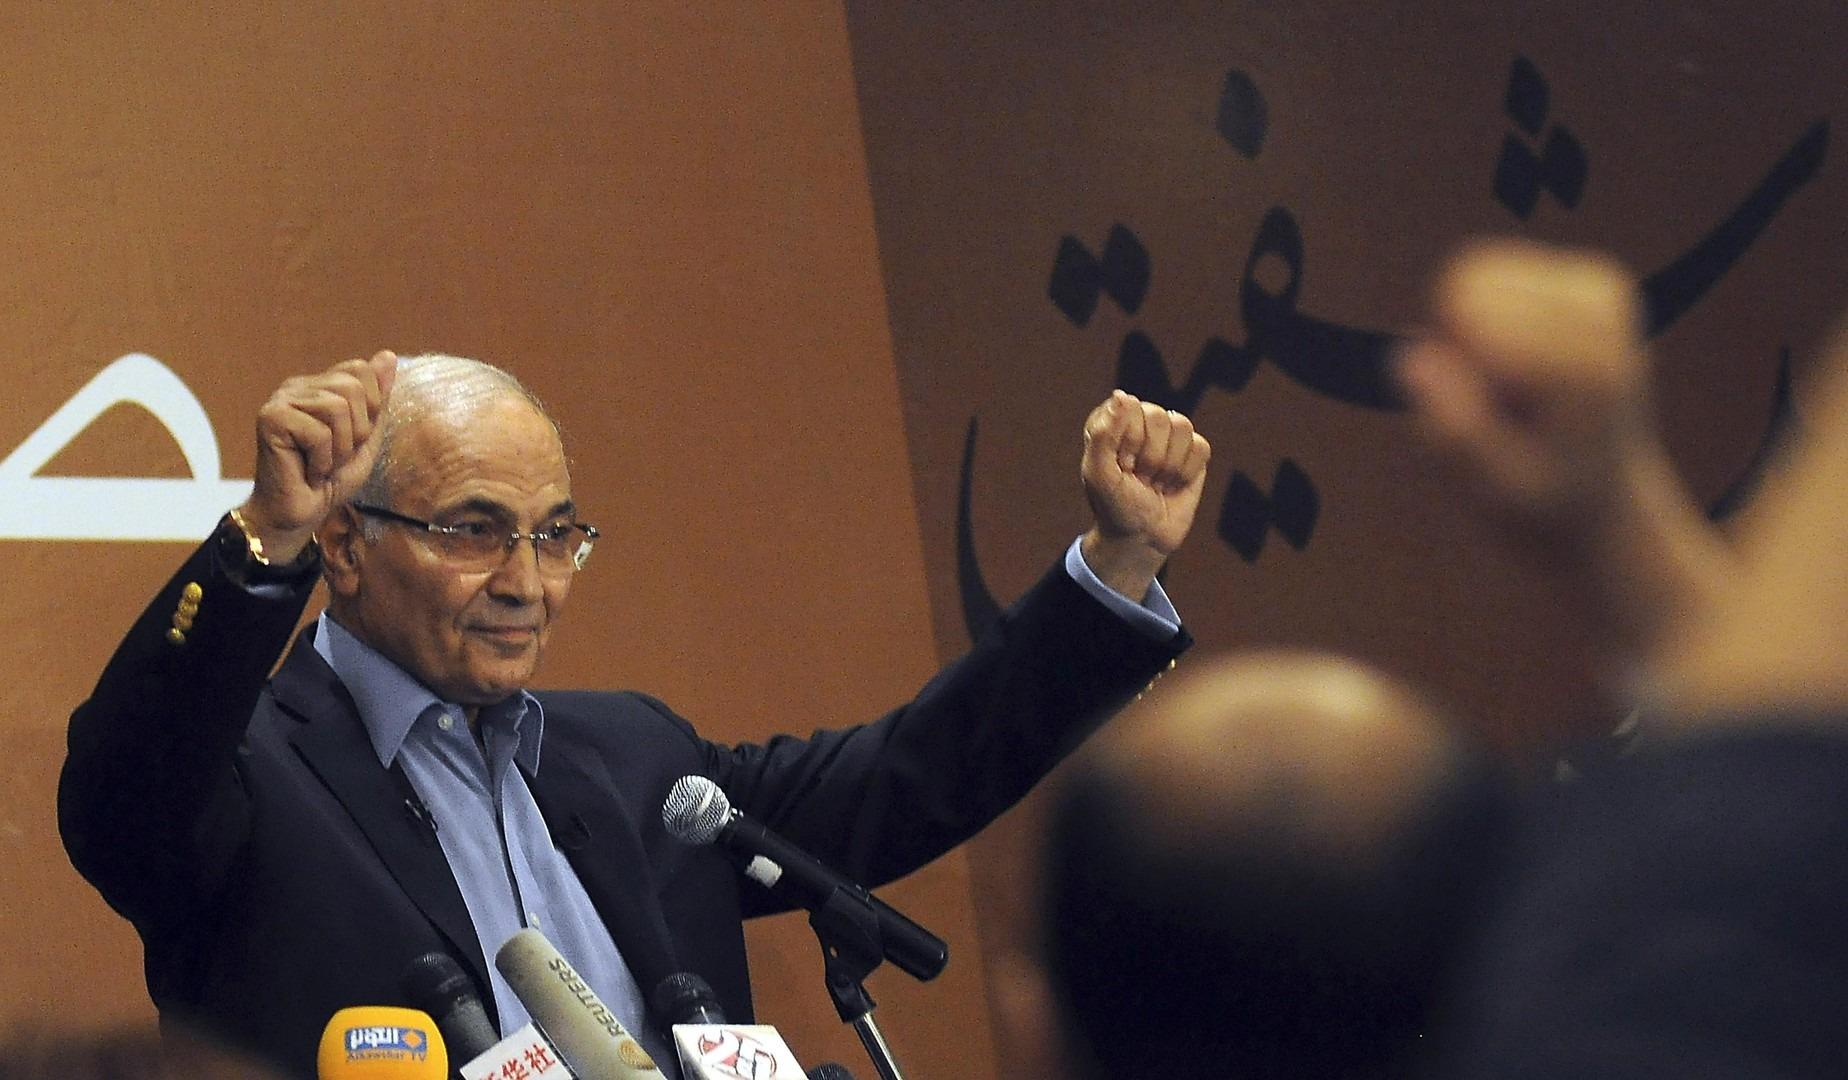 5 أوراق رابحة قد تقود «شفيق» لعرش مصر (تحليل)